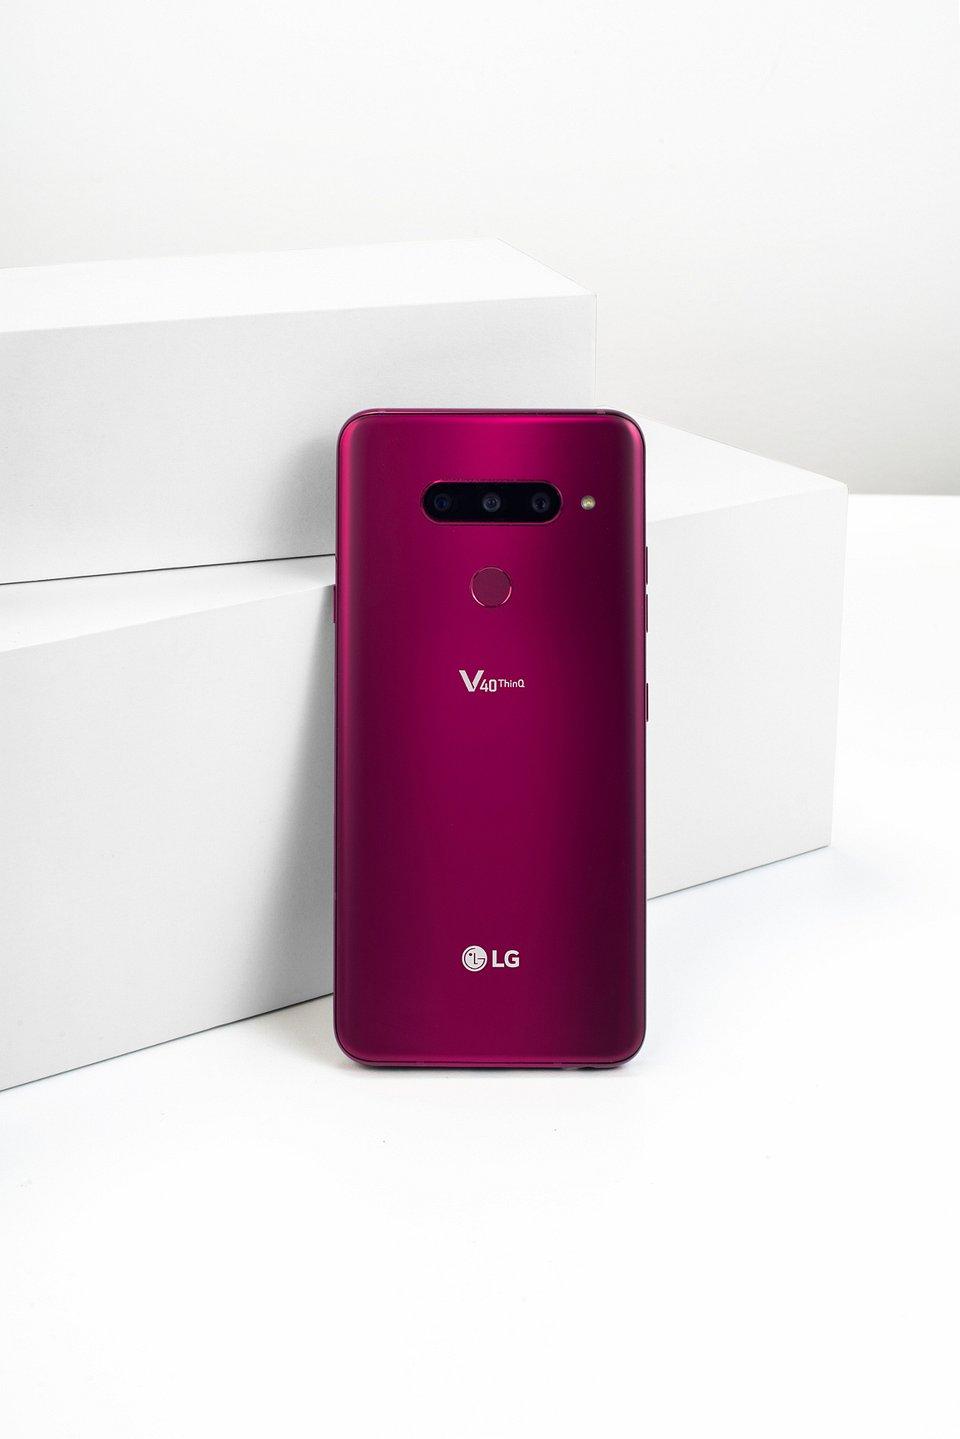 LG V40 ThinQ 006.jpg